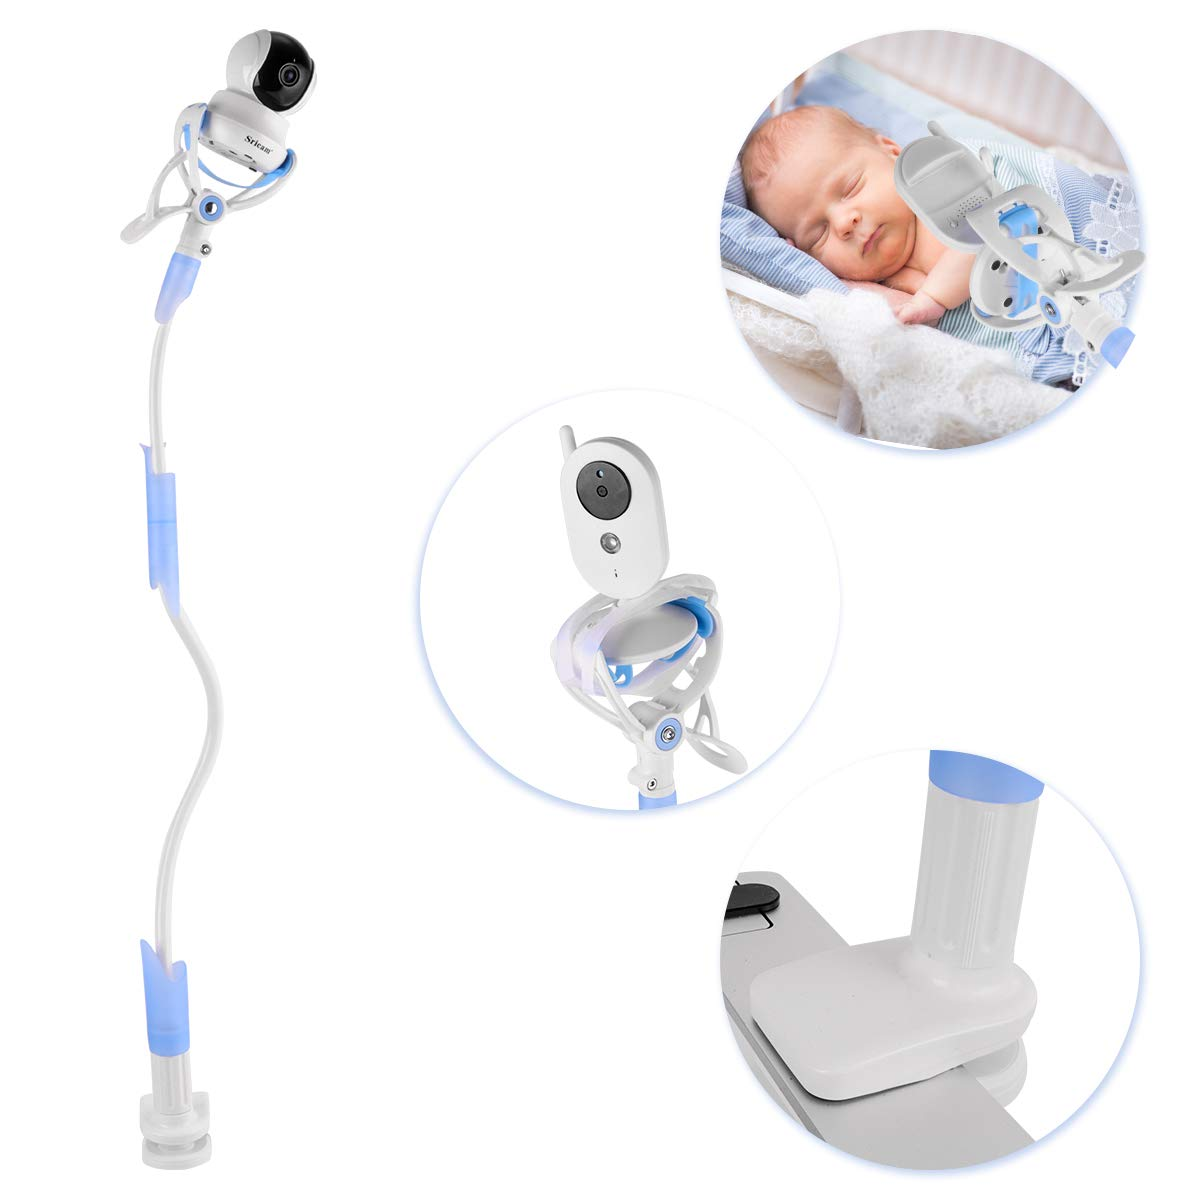 Sunix Supporto Universale per Baby Monitor, Supporto per Videocamera per Bambini, Supporto per Monitor per Bambini e Supporto Flessibile per Fotocamera per la Maggior Parte dei Baby Monitor